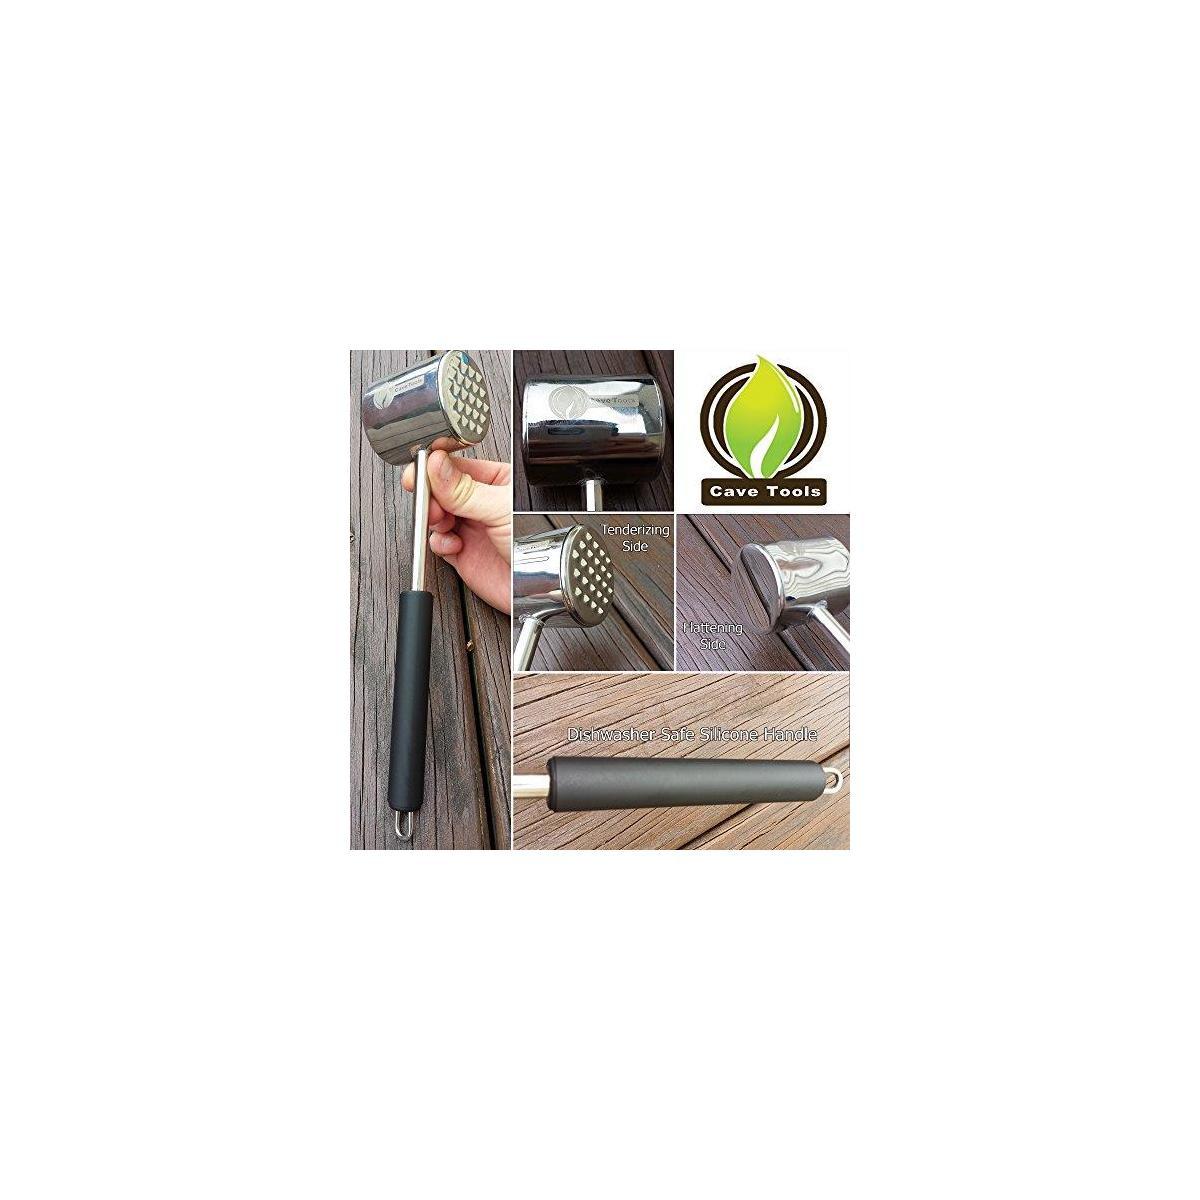 Hook Rack for BBQ Utensils + Meat Tenderizer Mallet Tool - DISHWASHER SAFE & - Hammer Pounder For Tenderizing Chicken Steak Pork & Veal - Non Slip Silicone Handle